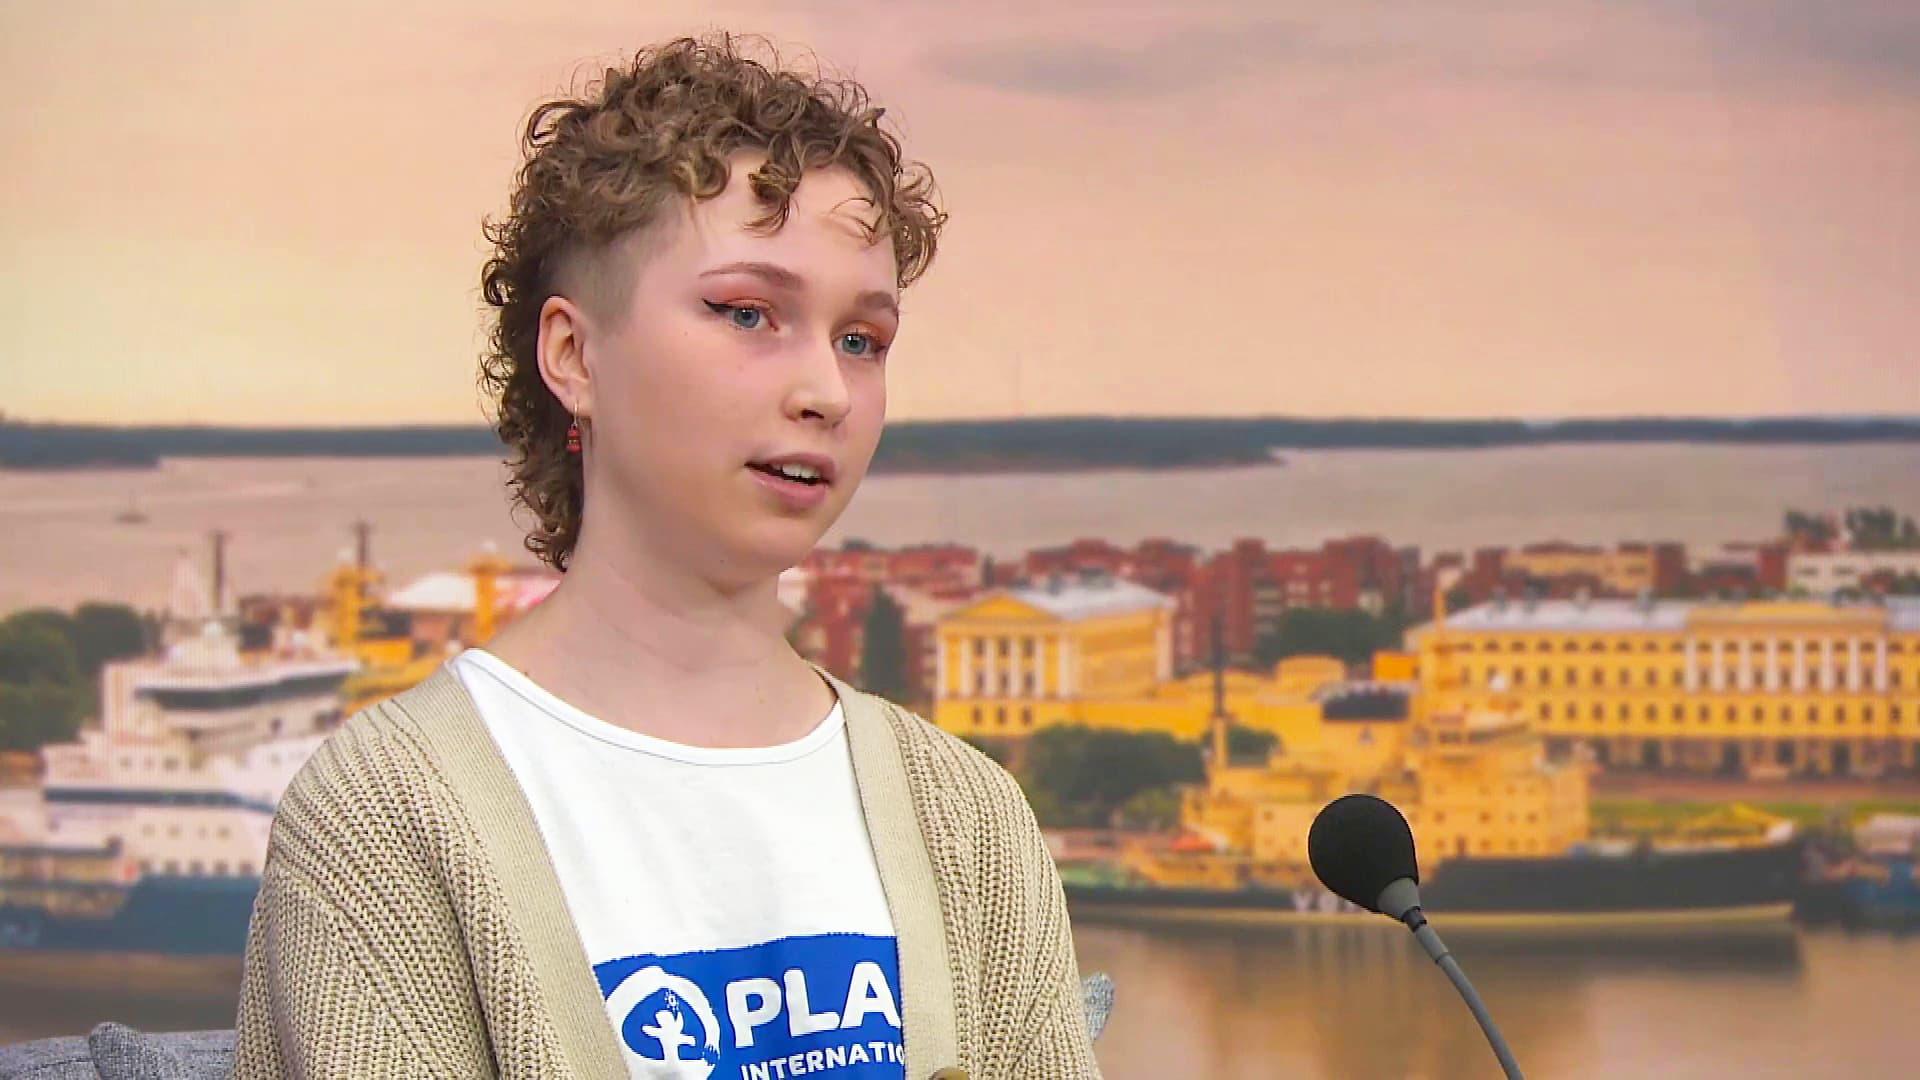 Ylen 17-vuotias päätoimittaja: Suomessa tyttöjen asiat ovat verrattain hyvin, mutta asenteissa voi piillä vähättelyä